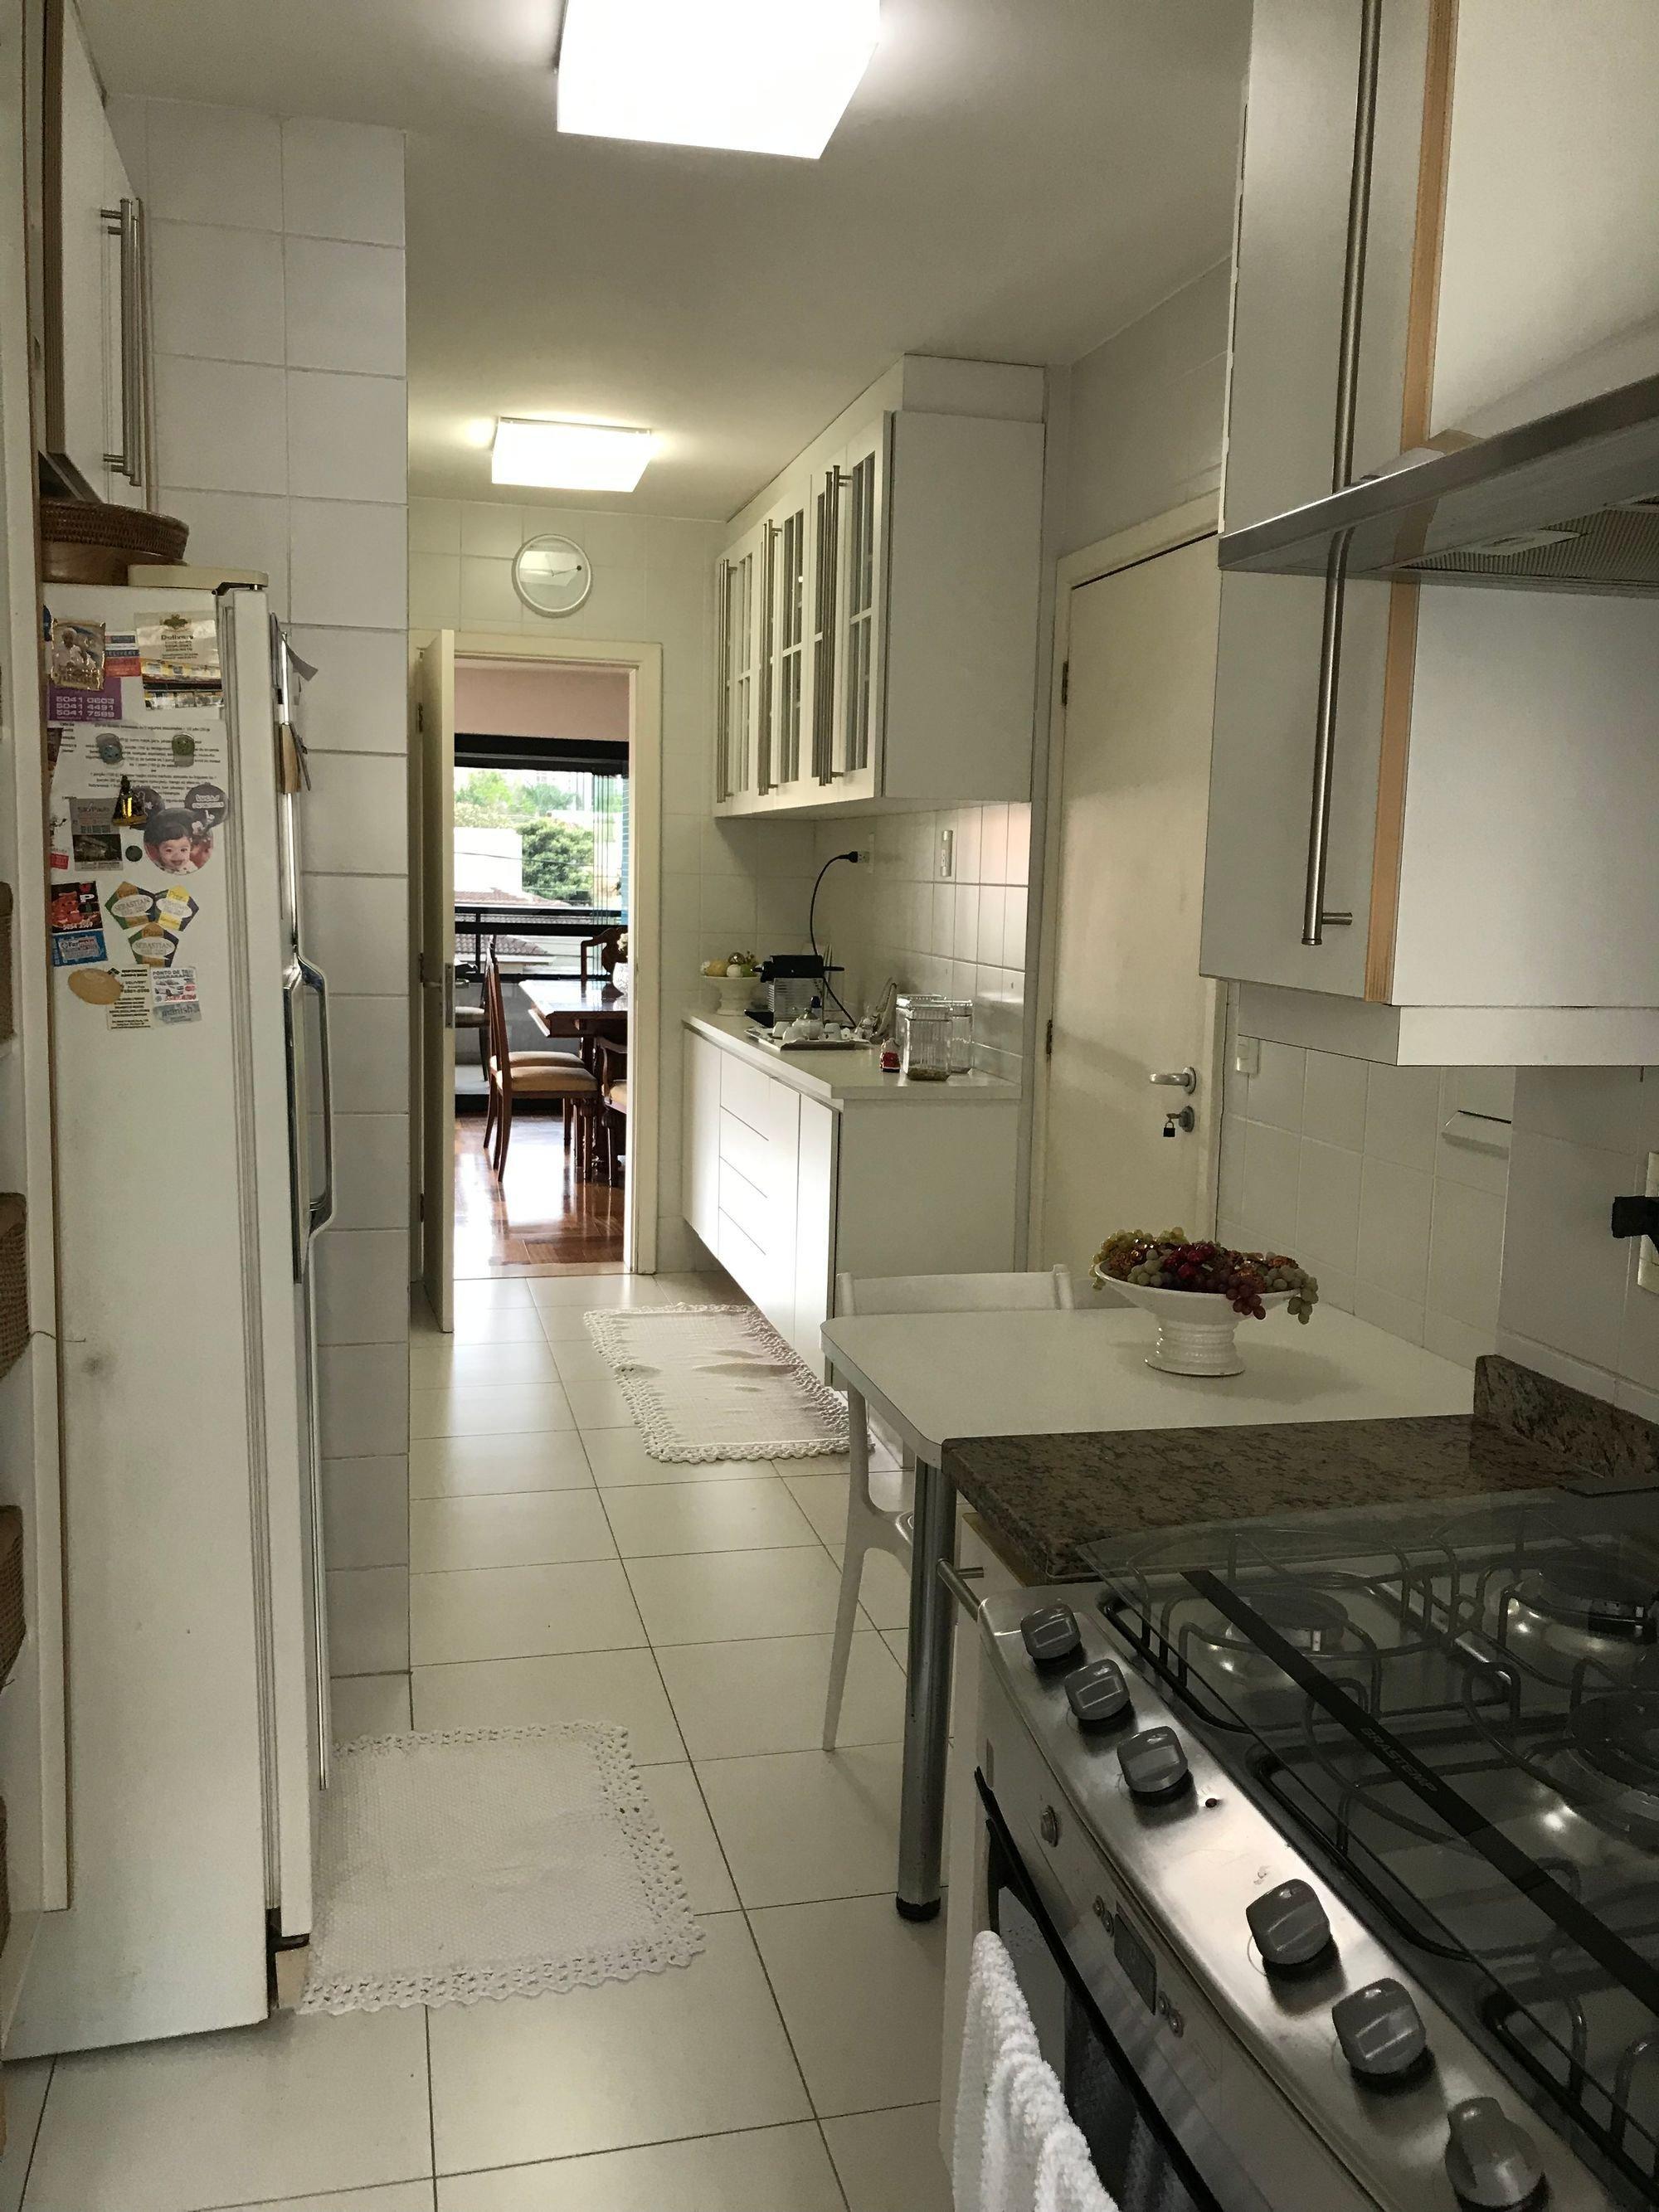 Foto de Cozinha com vaso de planta, vaso, forno, geladeira, cadeira, pia